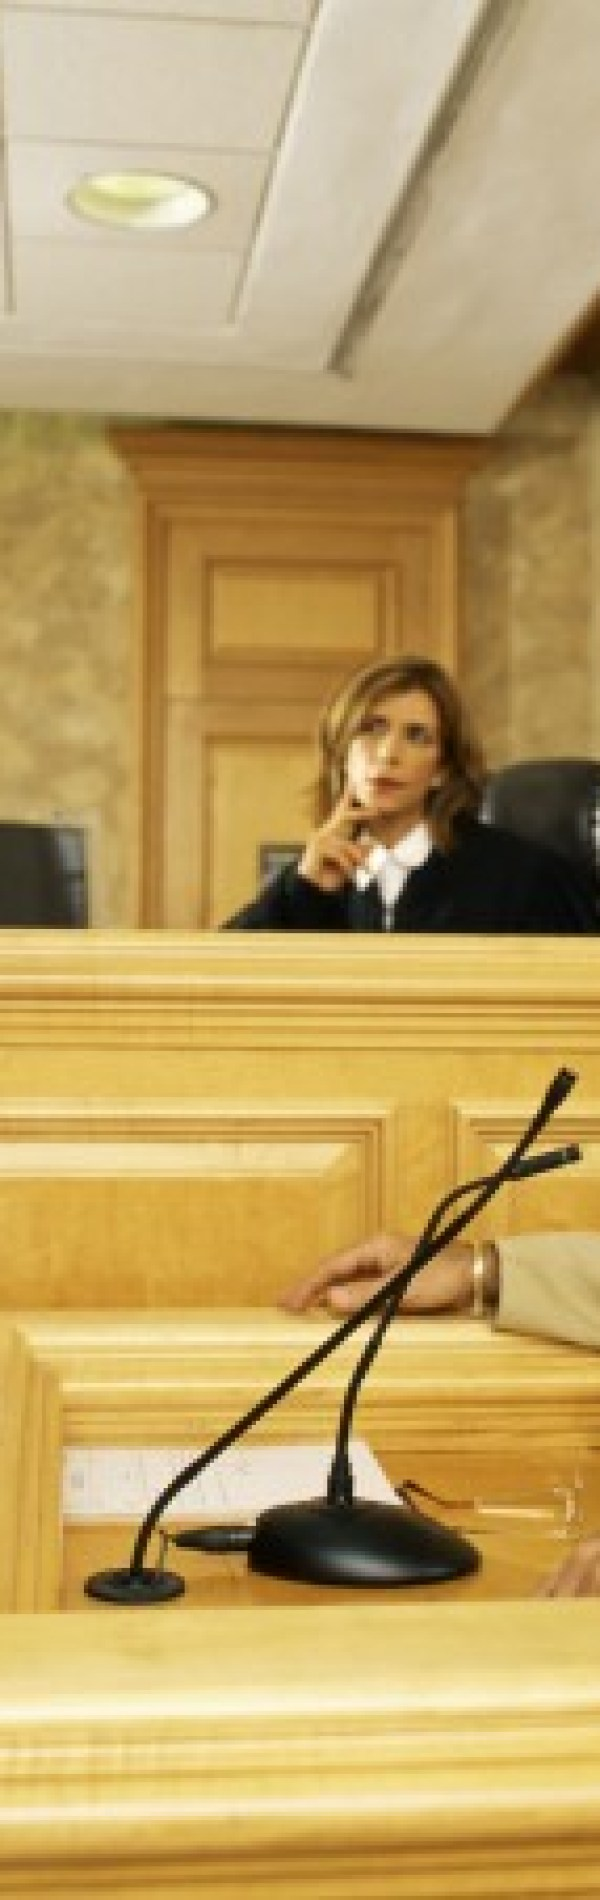 newport beach personal injury lawyers